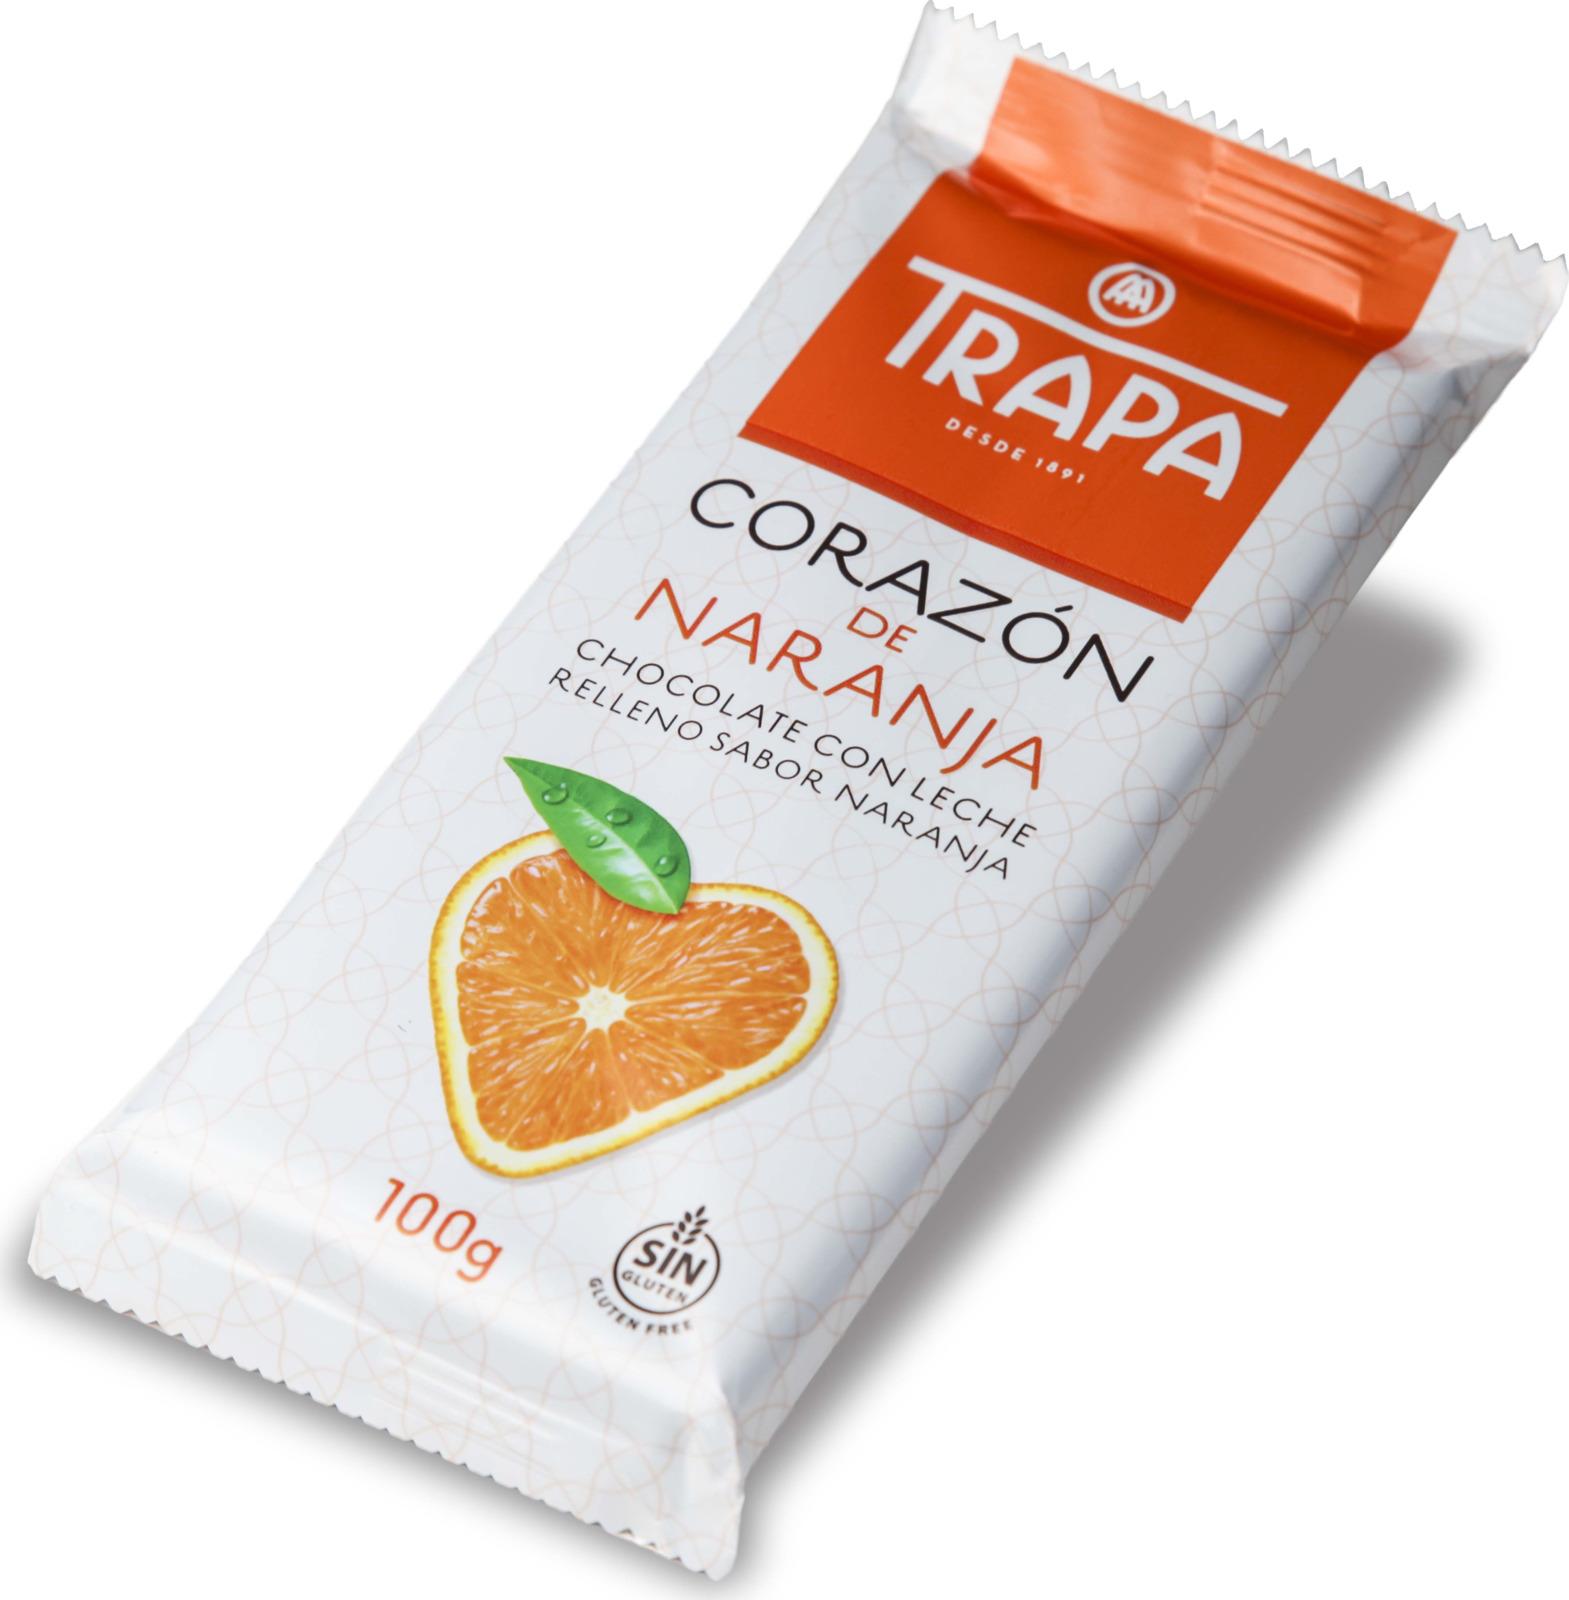 Молочный шоколад Trapa Corazоn Bar, с апельсиновой начинкой, 100 г молочный шоколад trapa corazоn bar с апельсиновой начинкой 100 г